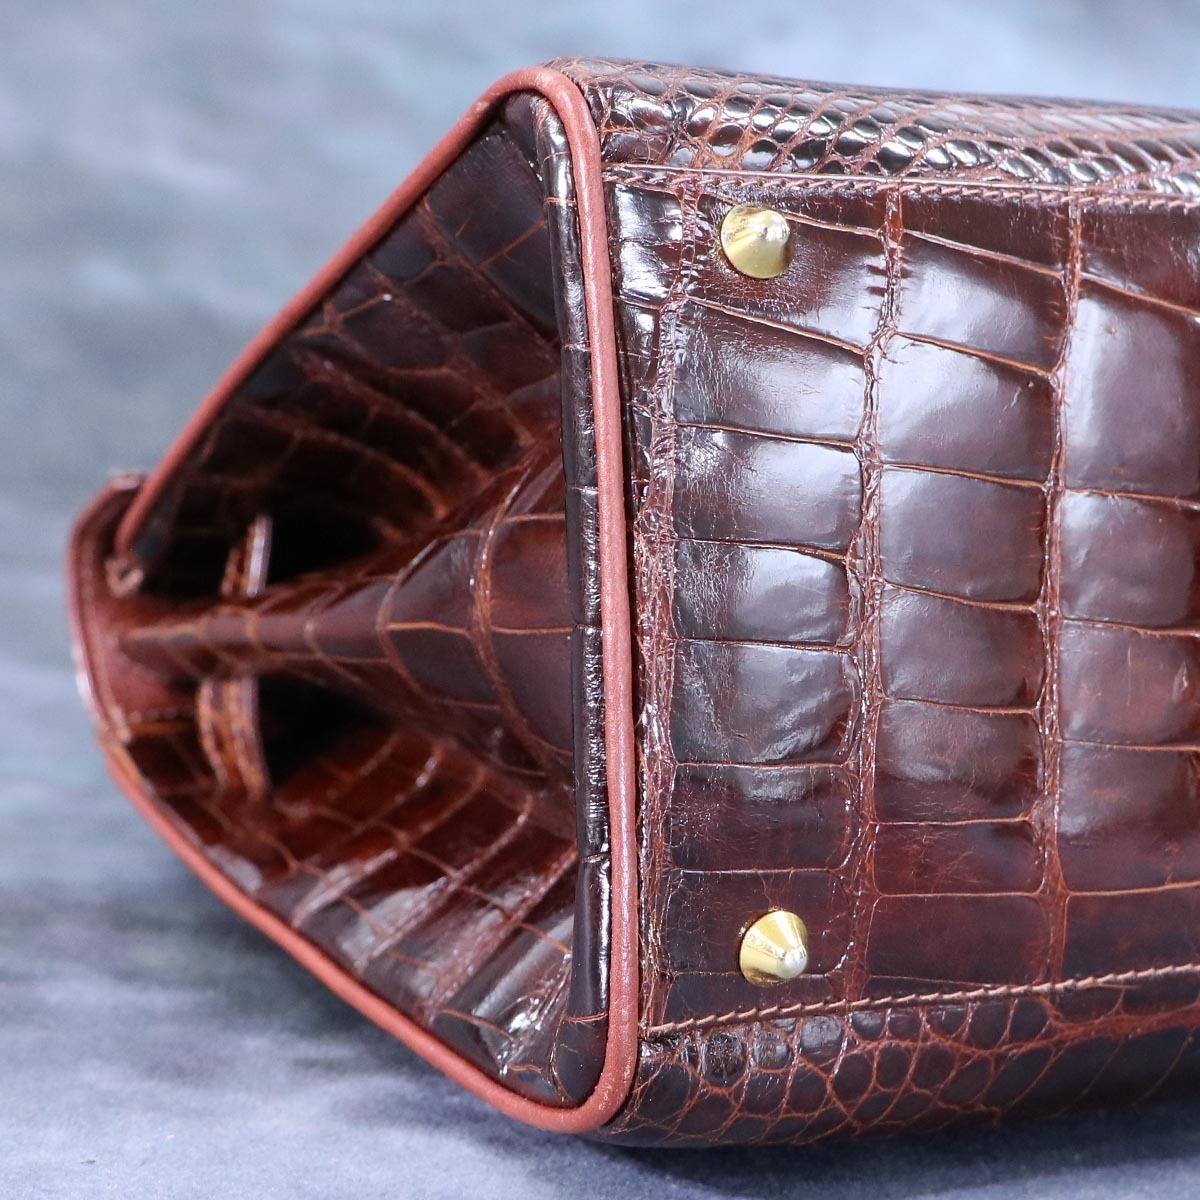 本物 超美品 最高級イタリア製 クロコダイルレザー 鍵付き ケリーバッグ ハンドバッグ 総ワニ革 クロコレザー トートバッグ_画像7